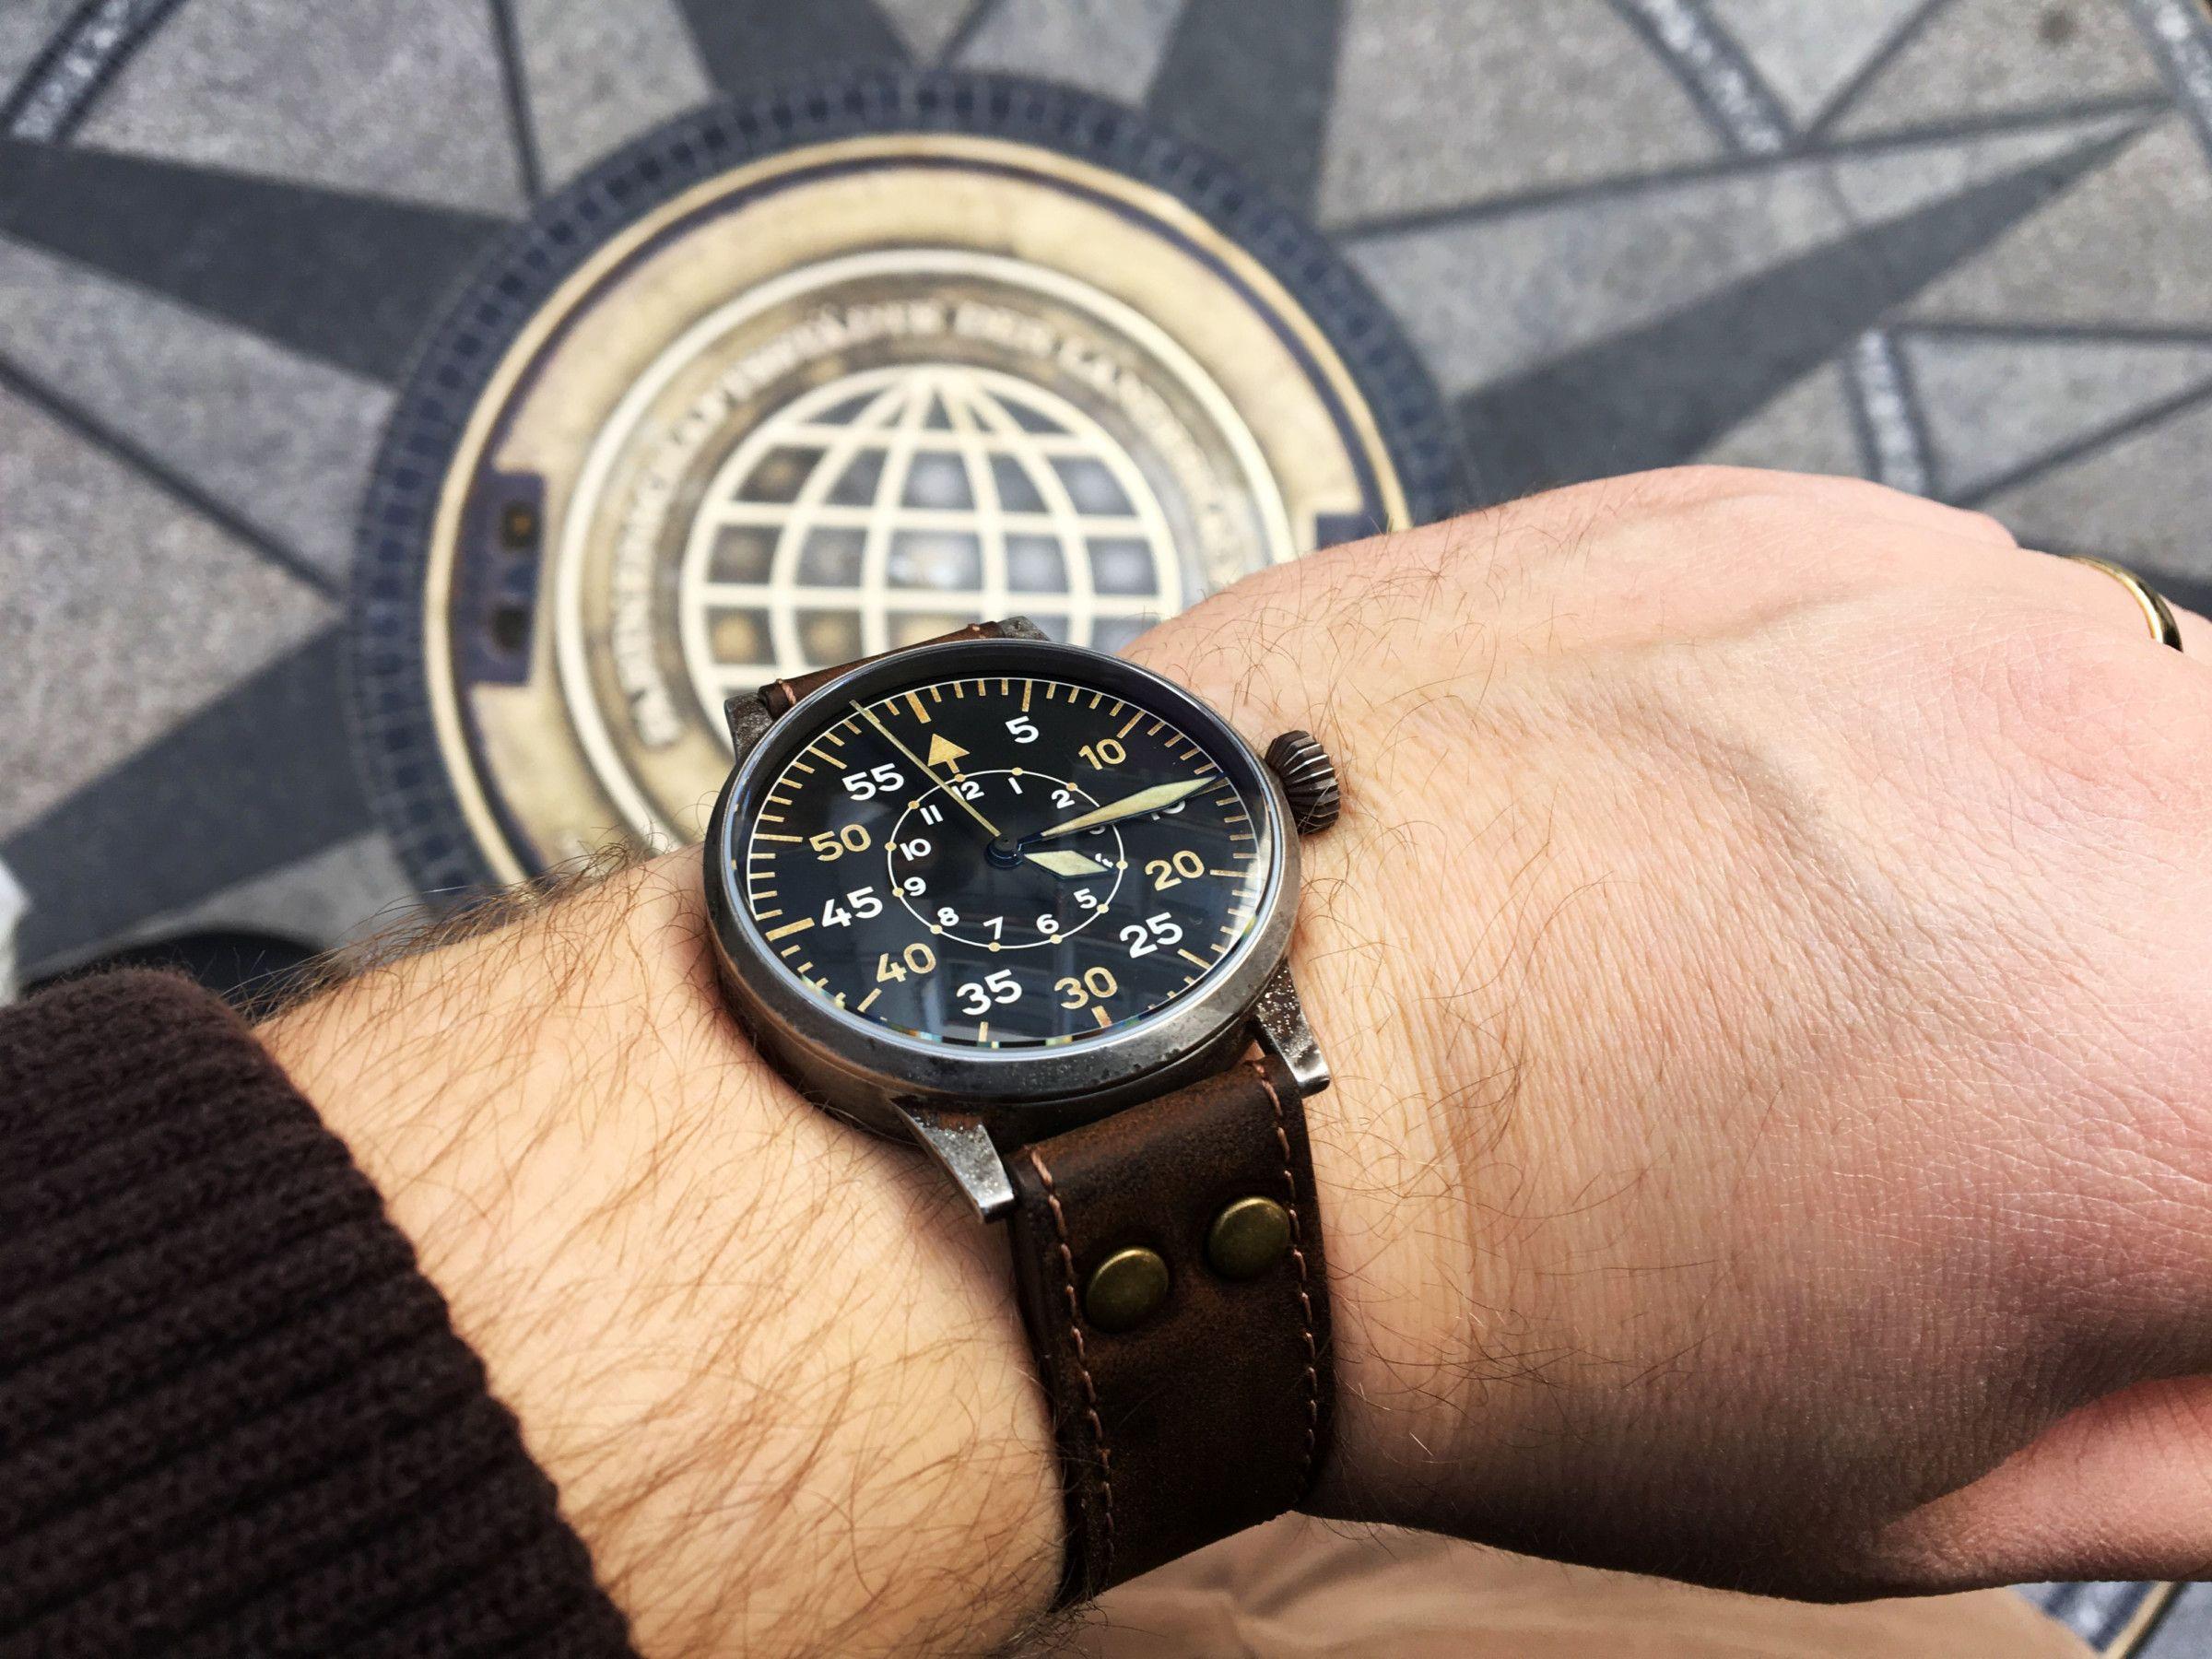 539c74d413752 Lacer Paderborn Erbstück Beobachtungsuhr Fliegeruhr B-Uhr B-Muster WWII  Vintage Handgelenk Wristshot